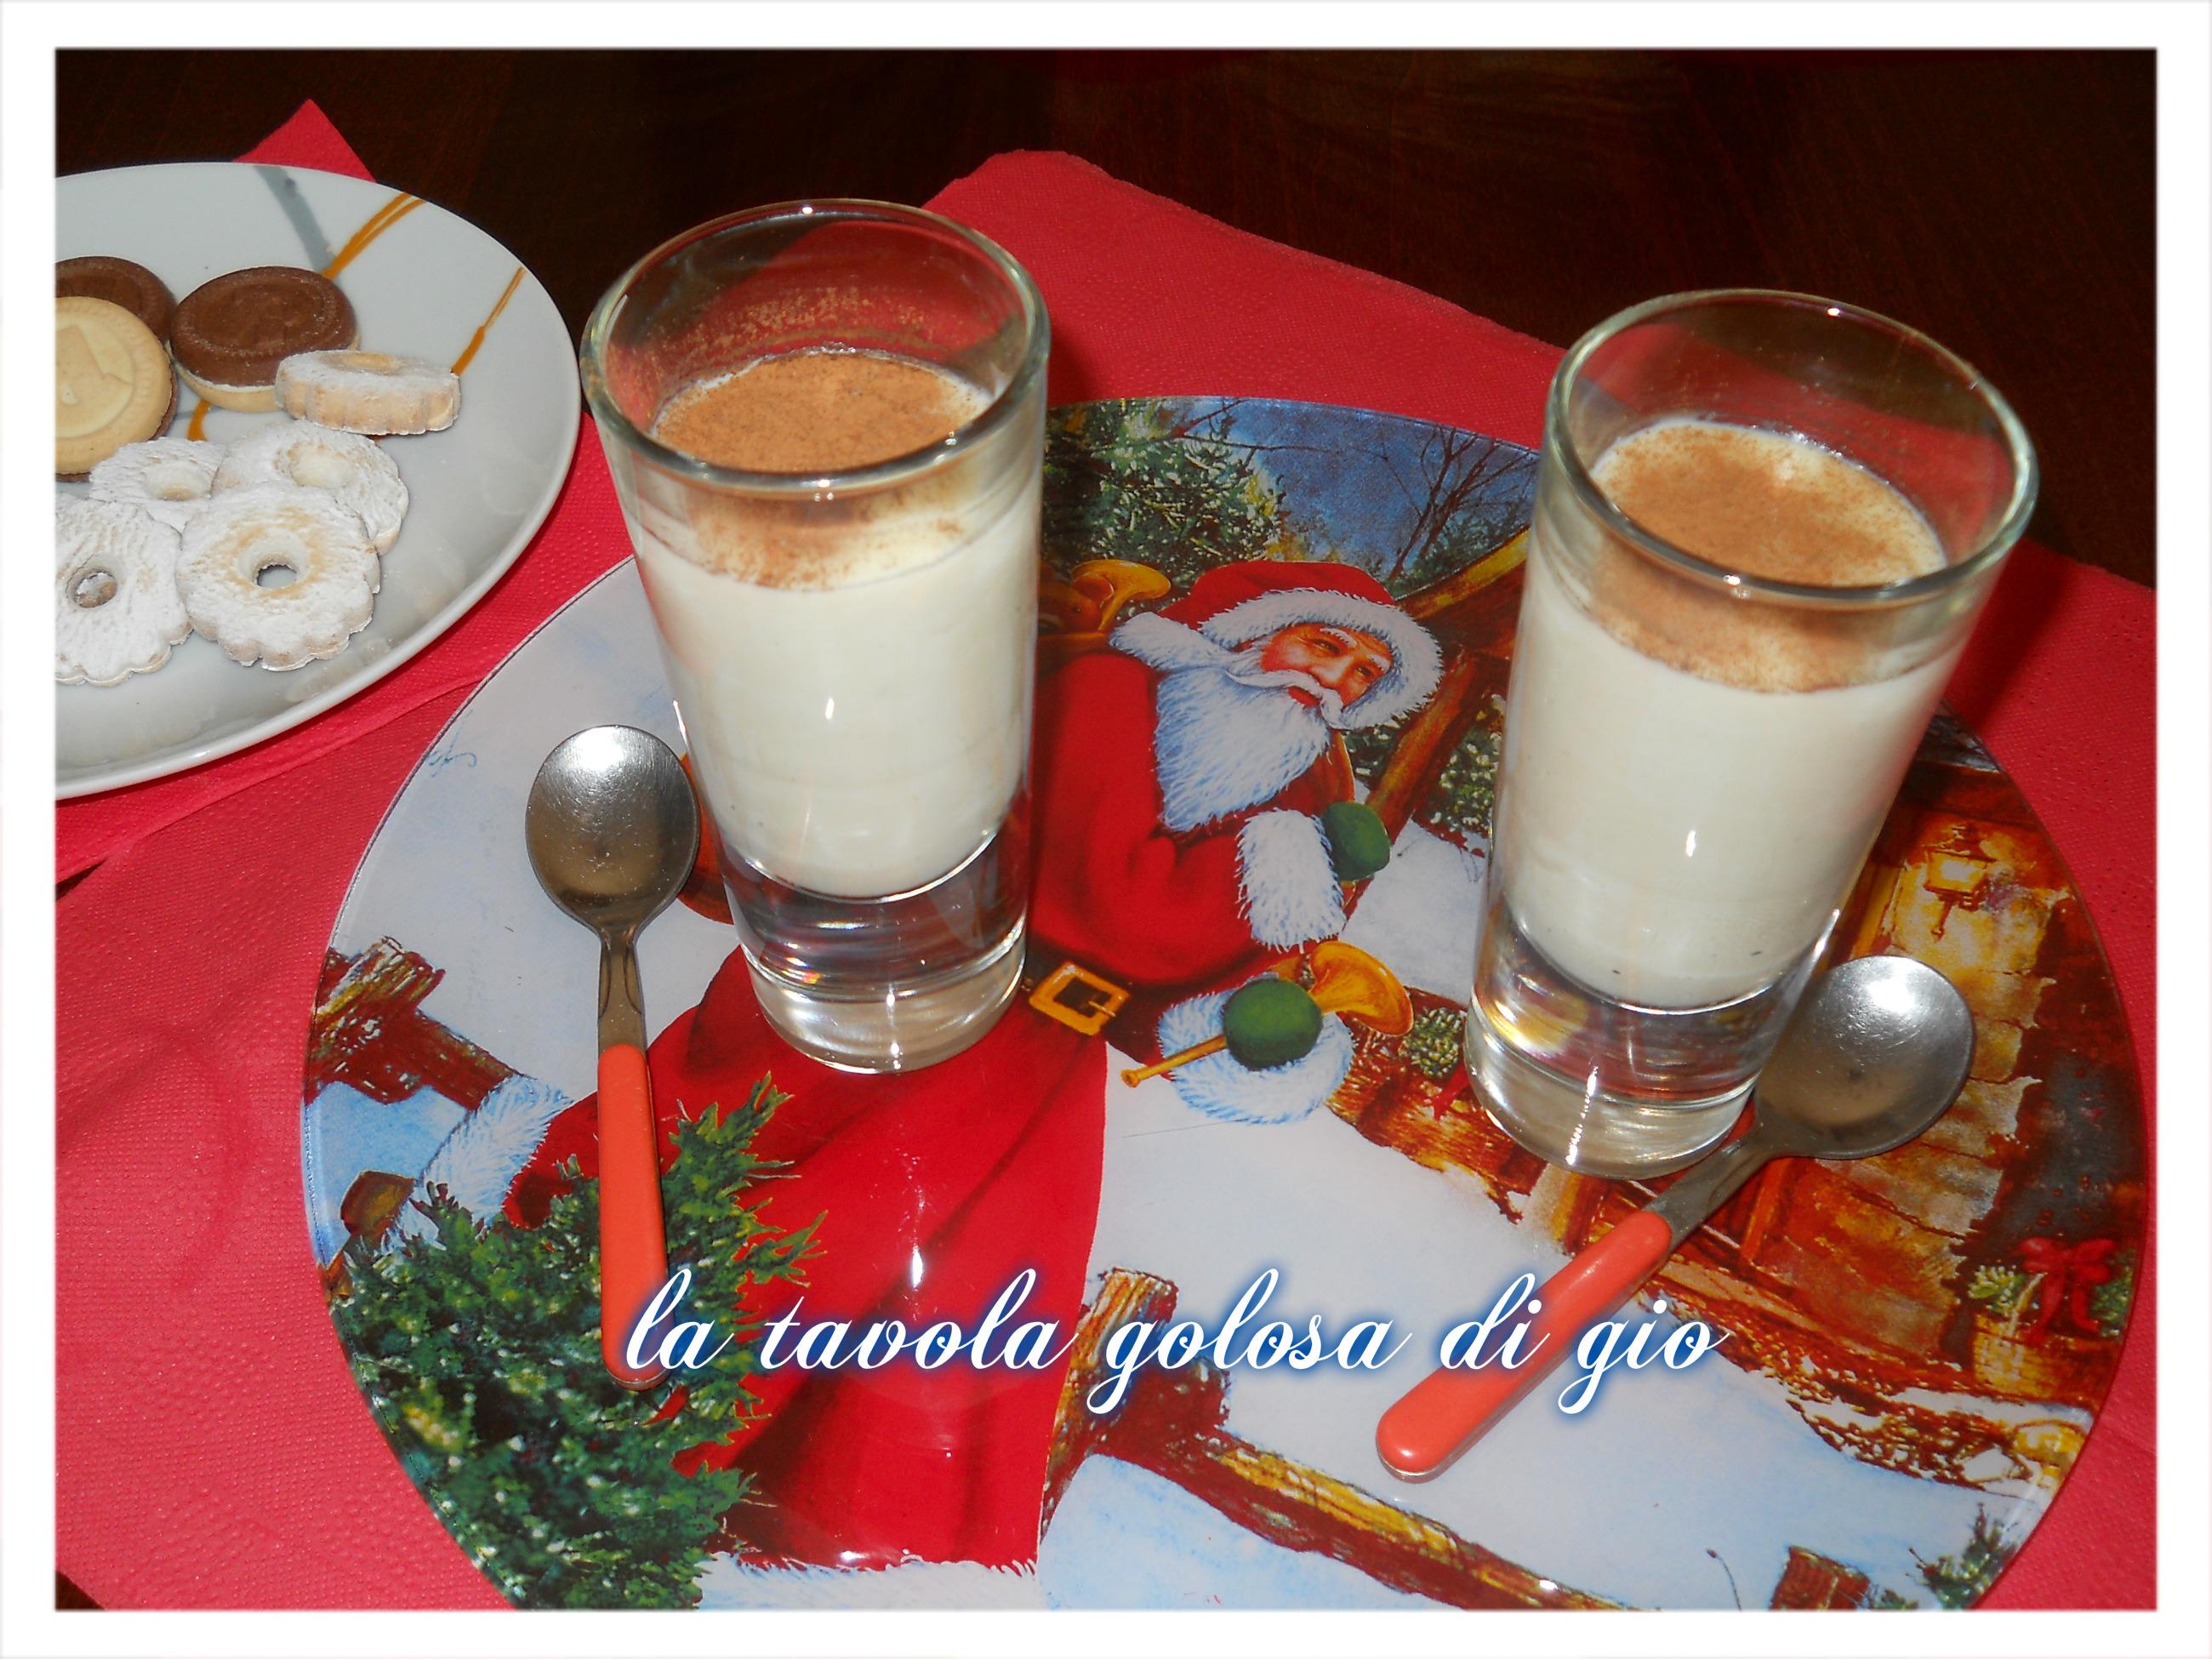 dessert di cioccolata bianca alla cannella